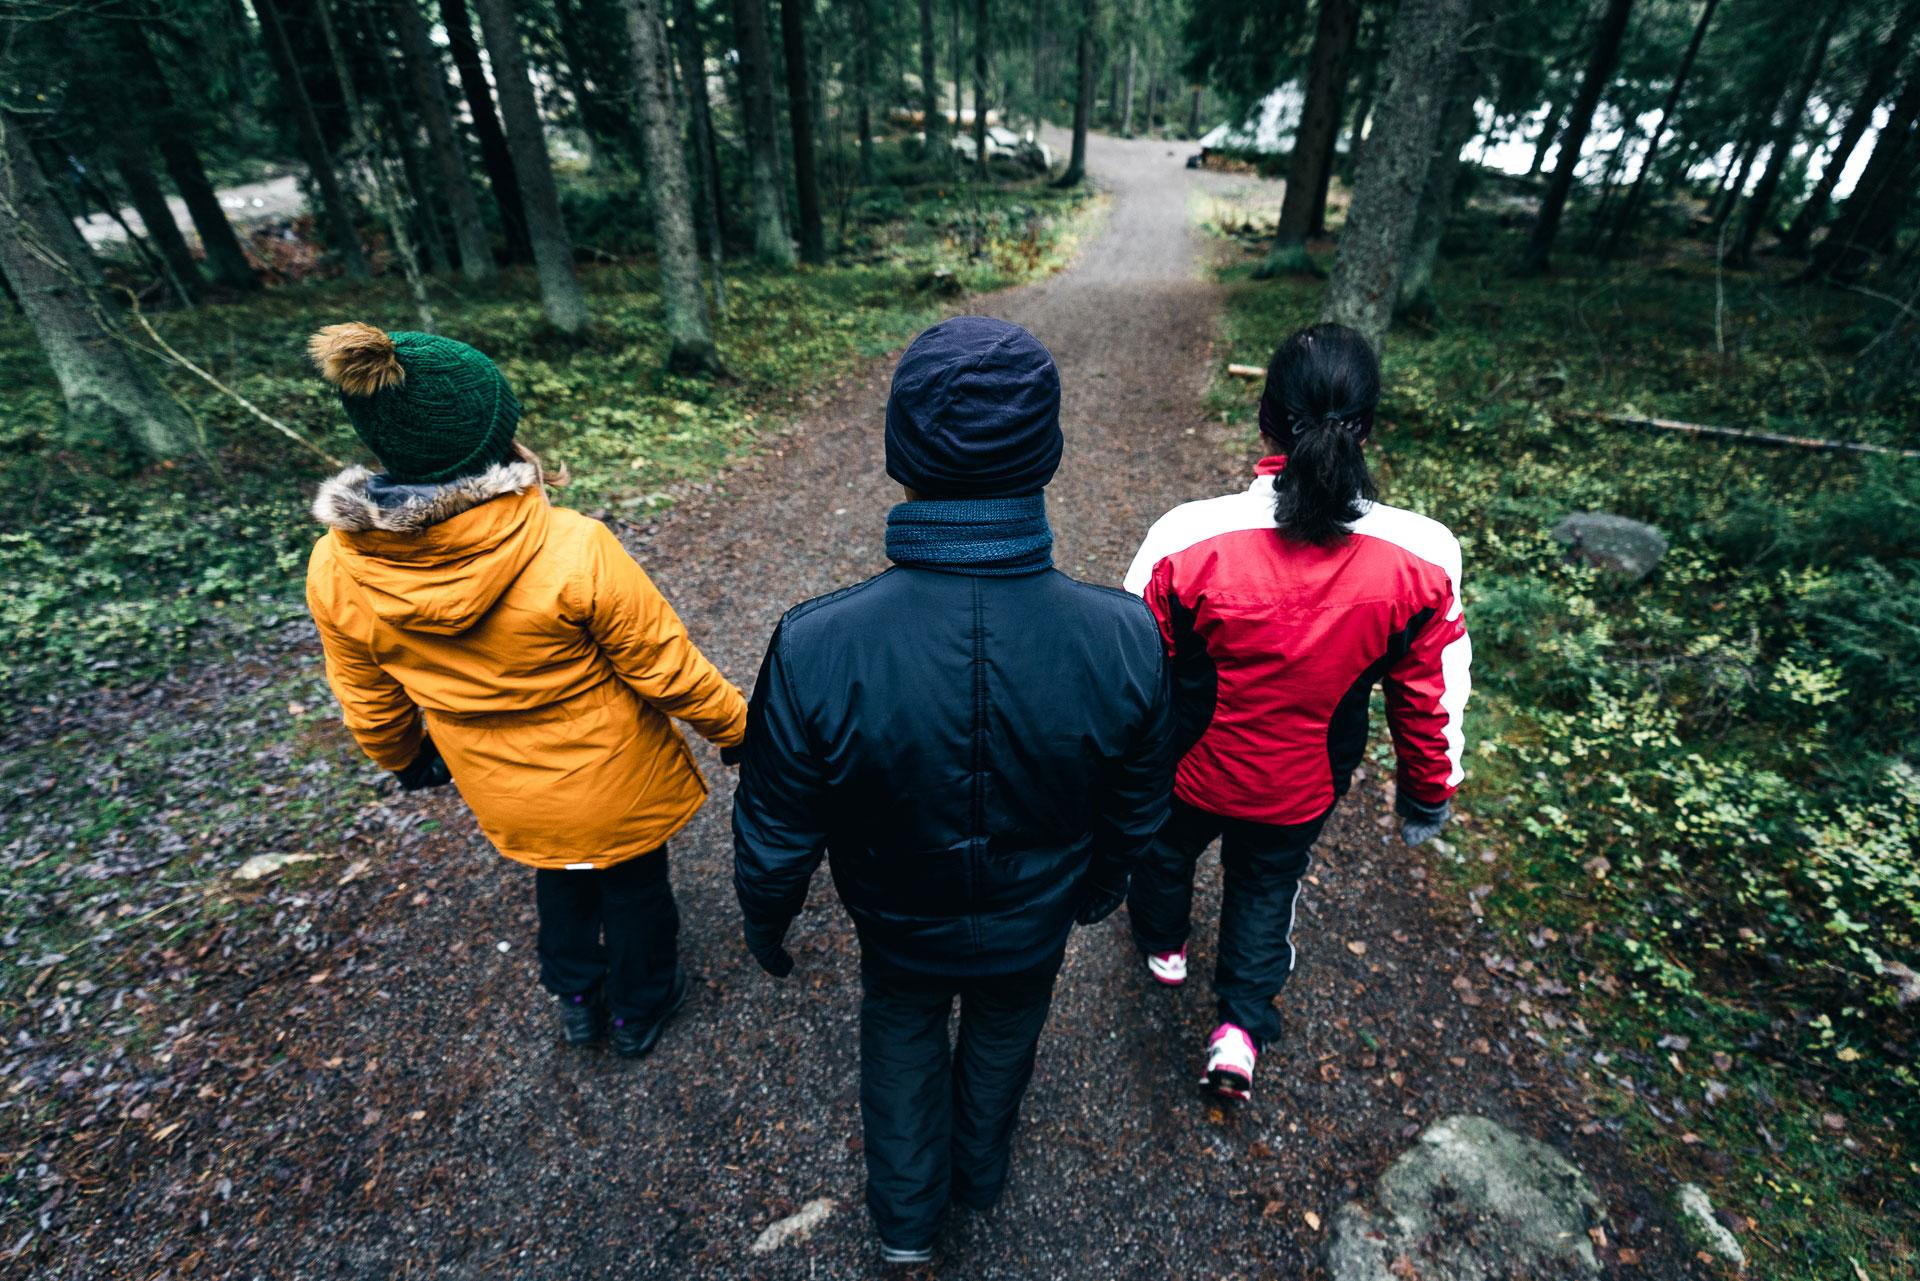 Kolme ihmistä kävelee polkua pitkin samaan suuntaan.